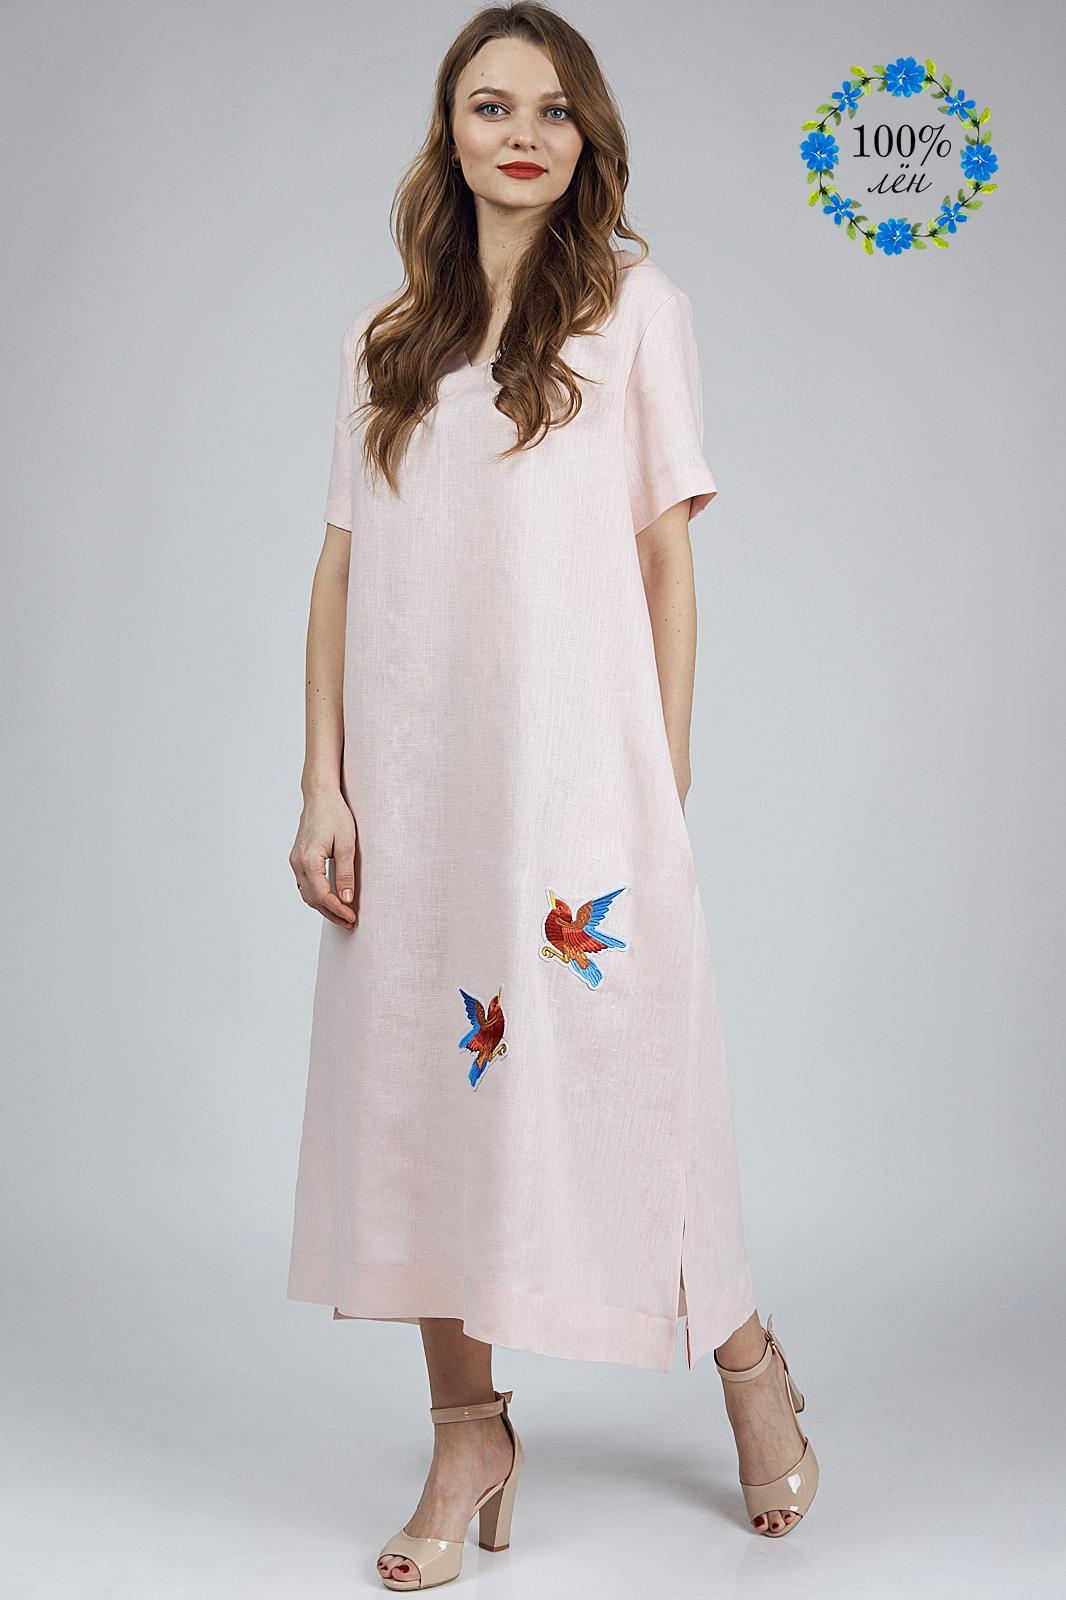 409f1dc505fc9 Купить платье в интернет-магазине в Минске. Белорусские женские платья